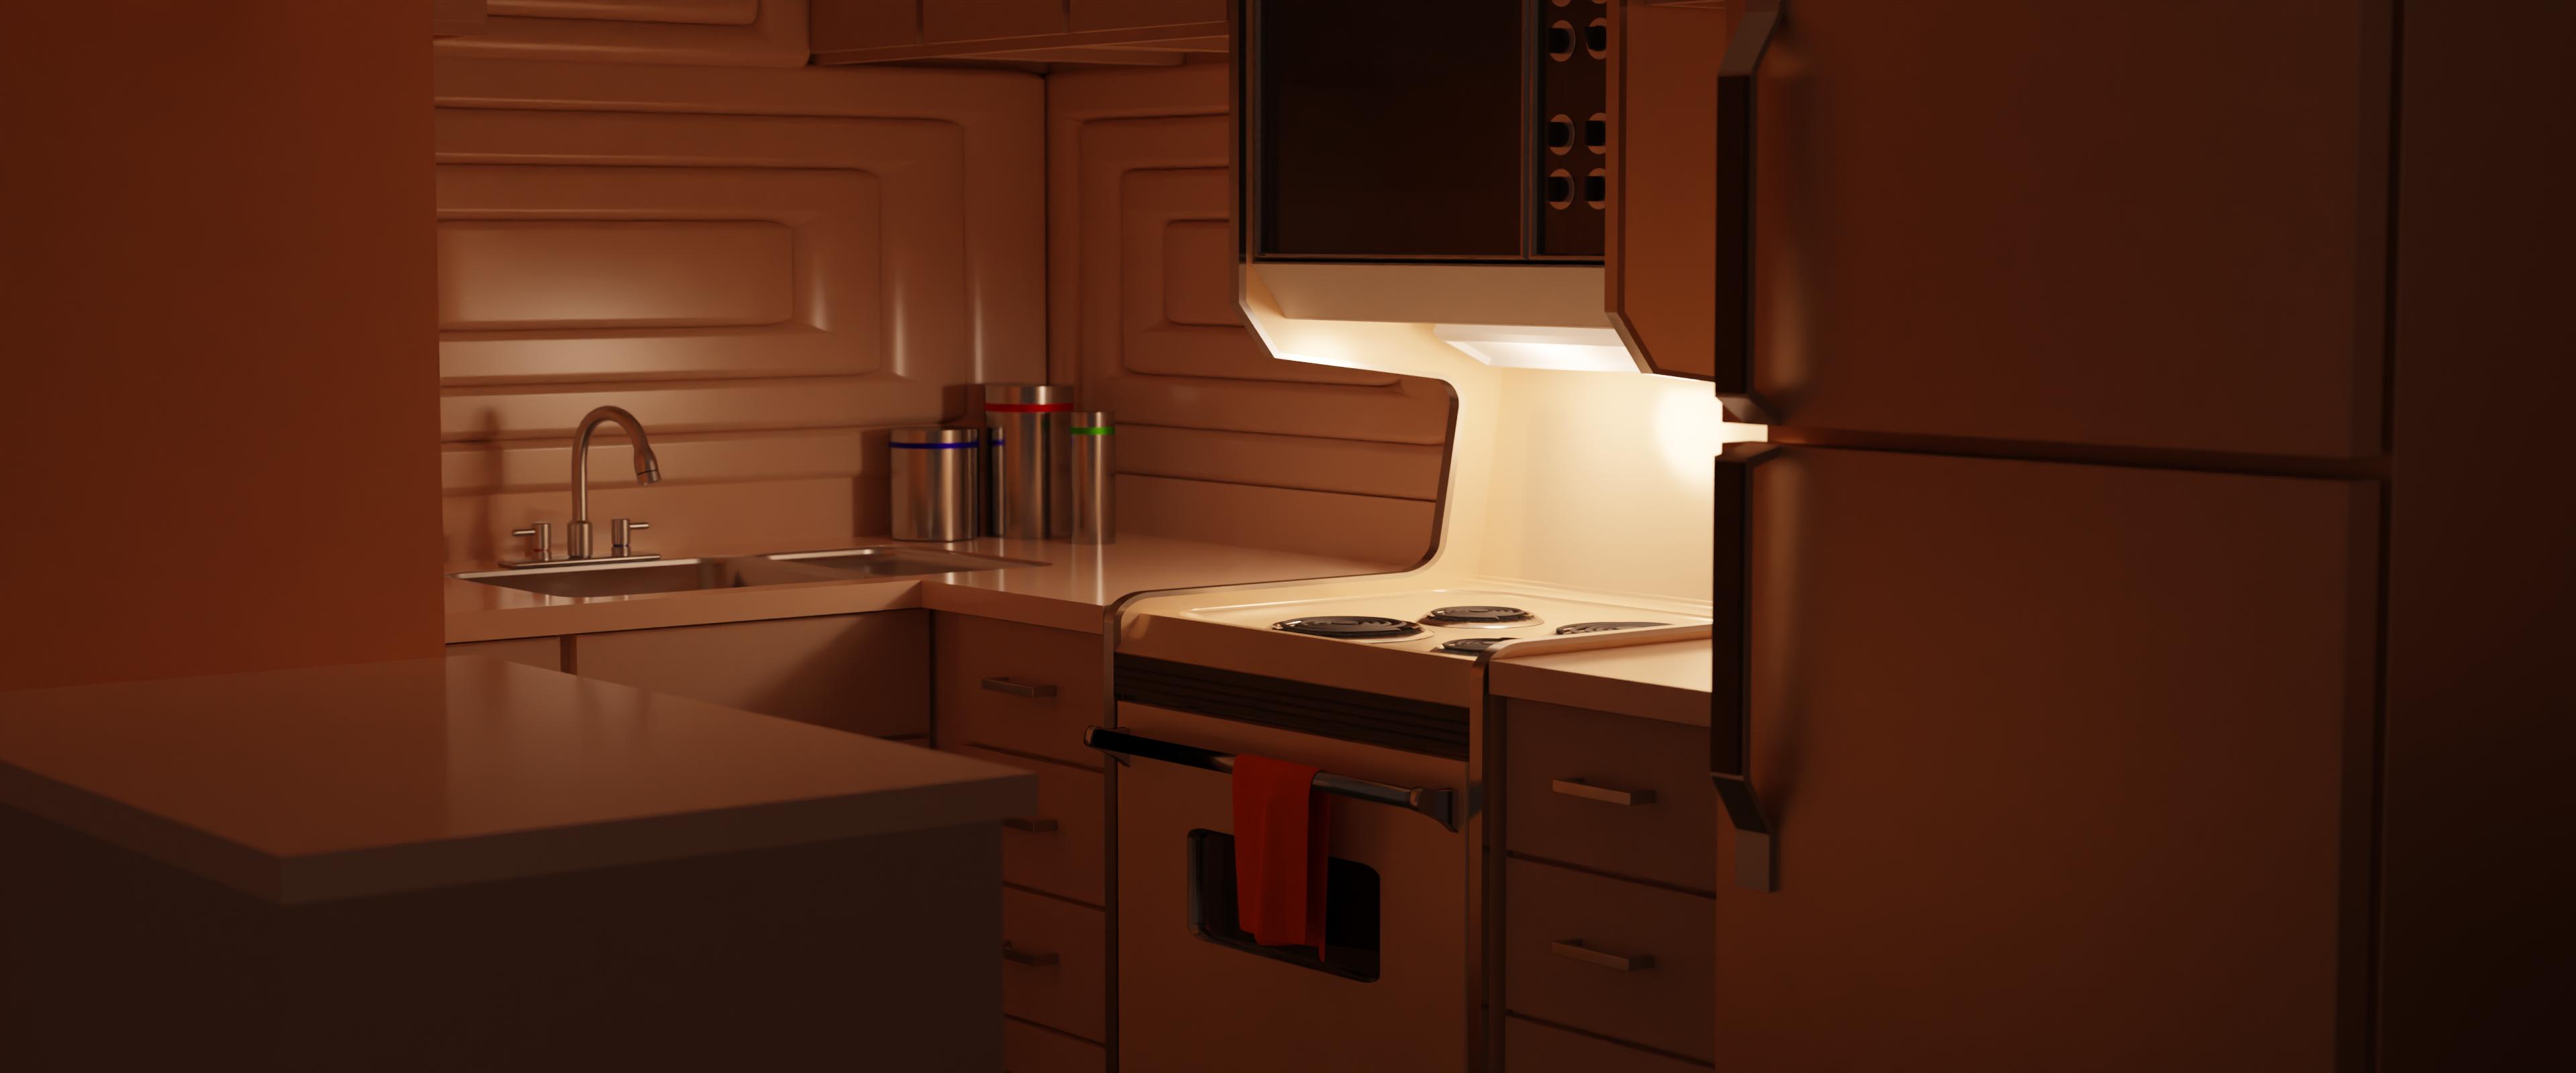 Martian Kitchen